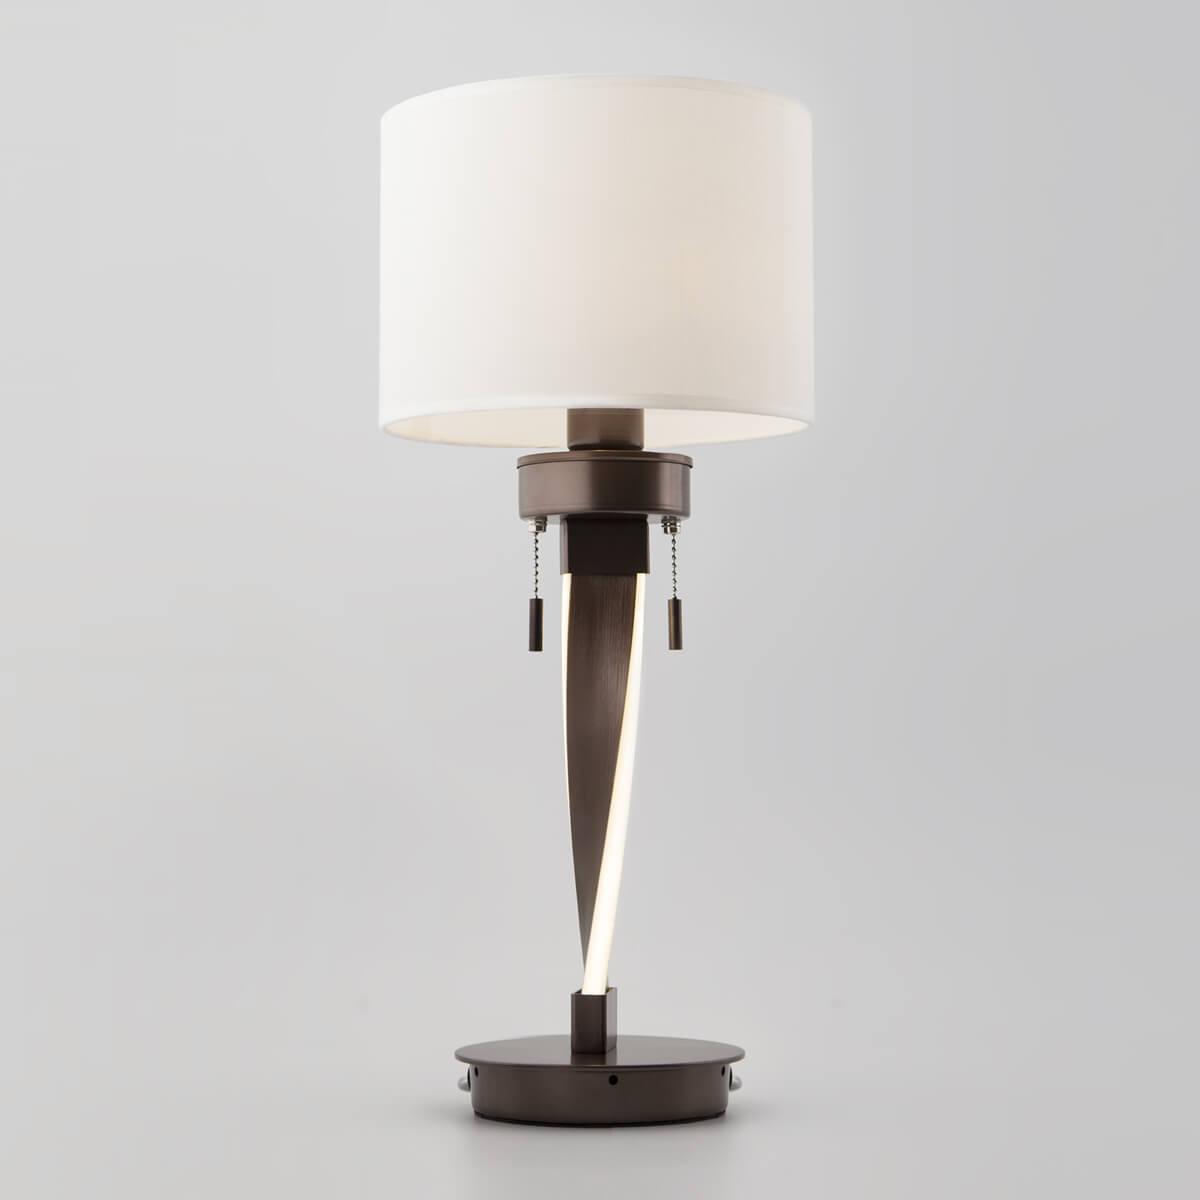 Настольная лампа Bogates 991 Titan цена